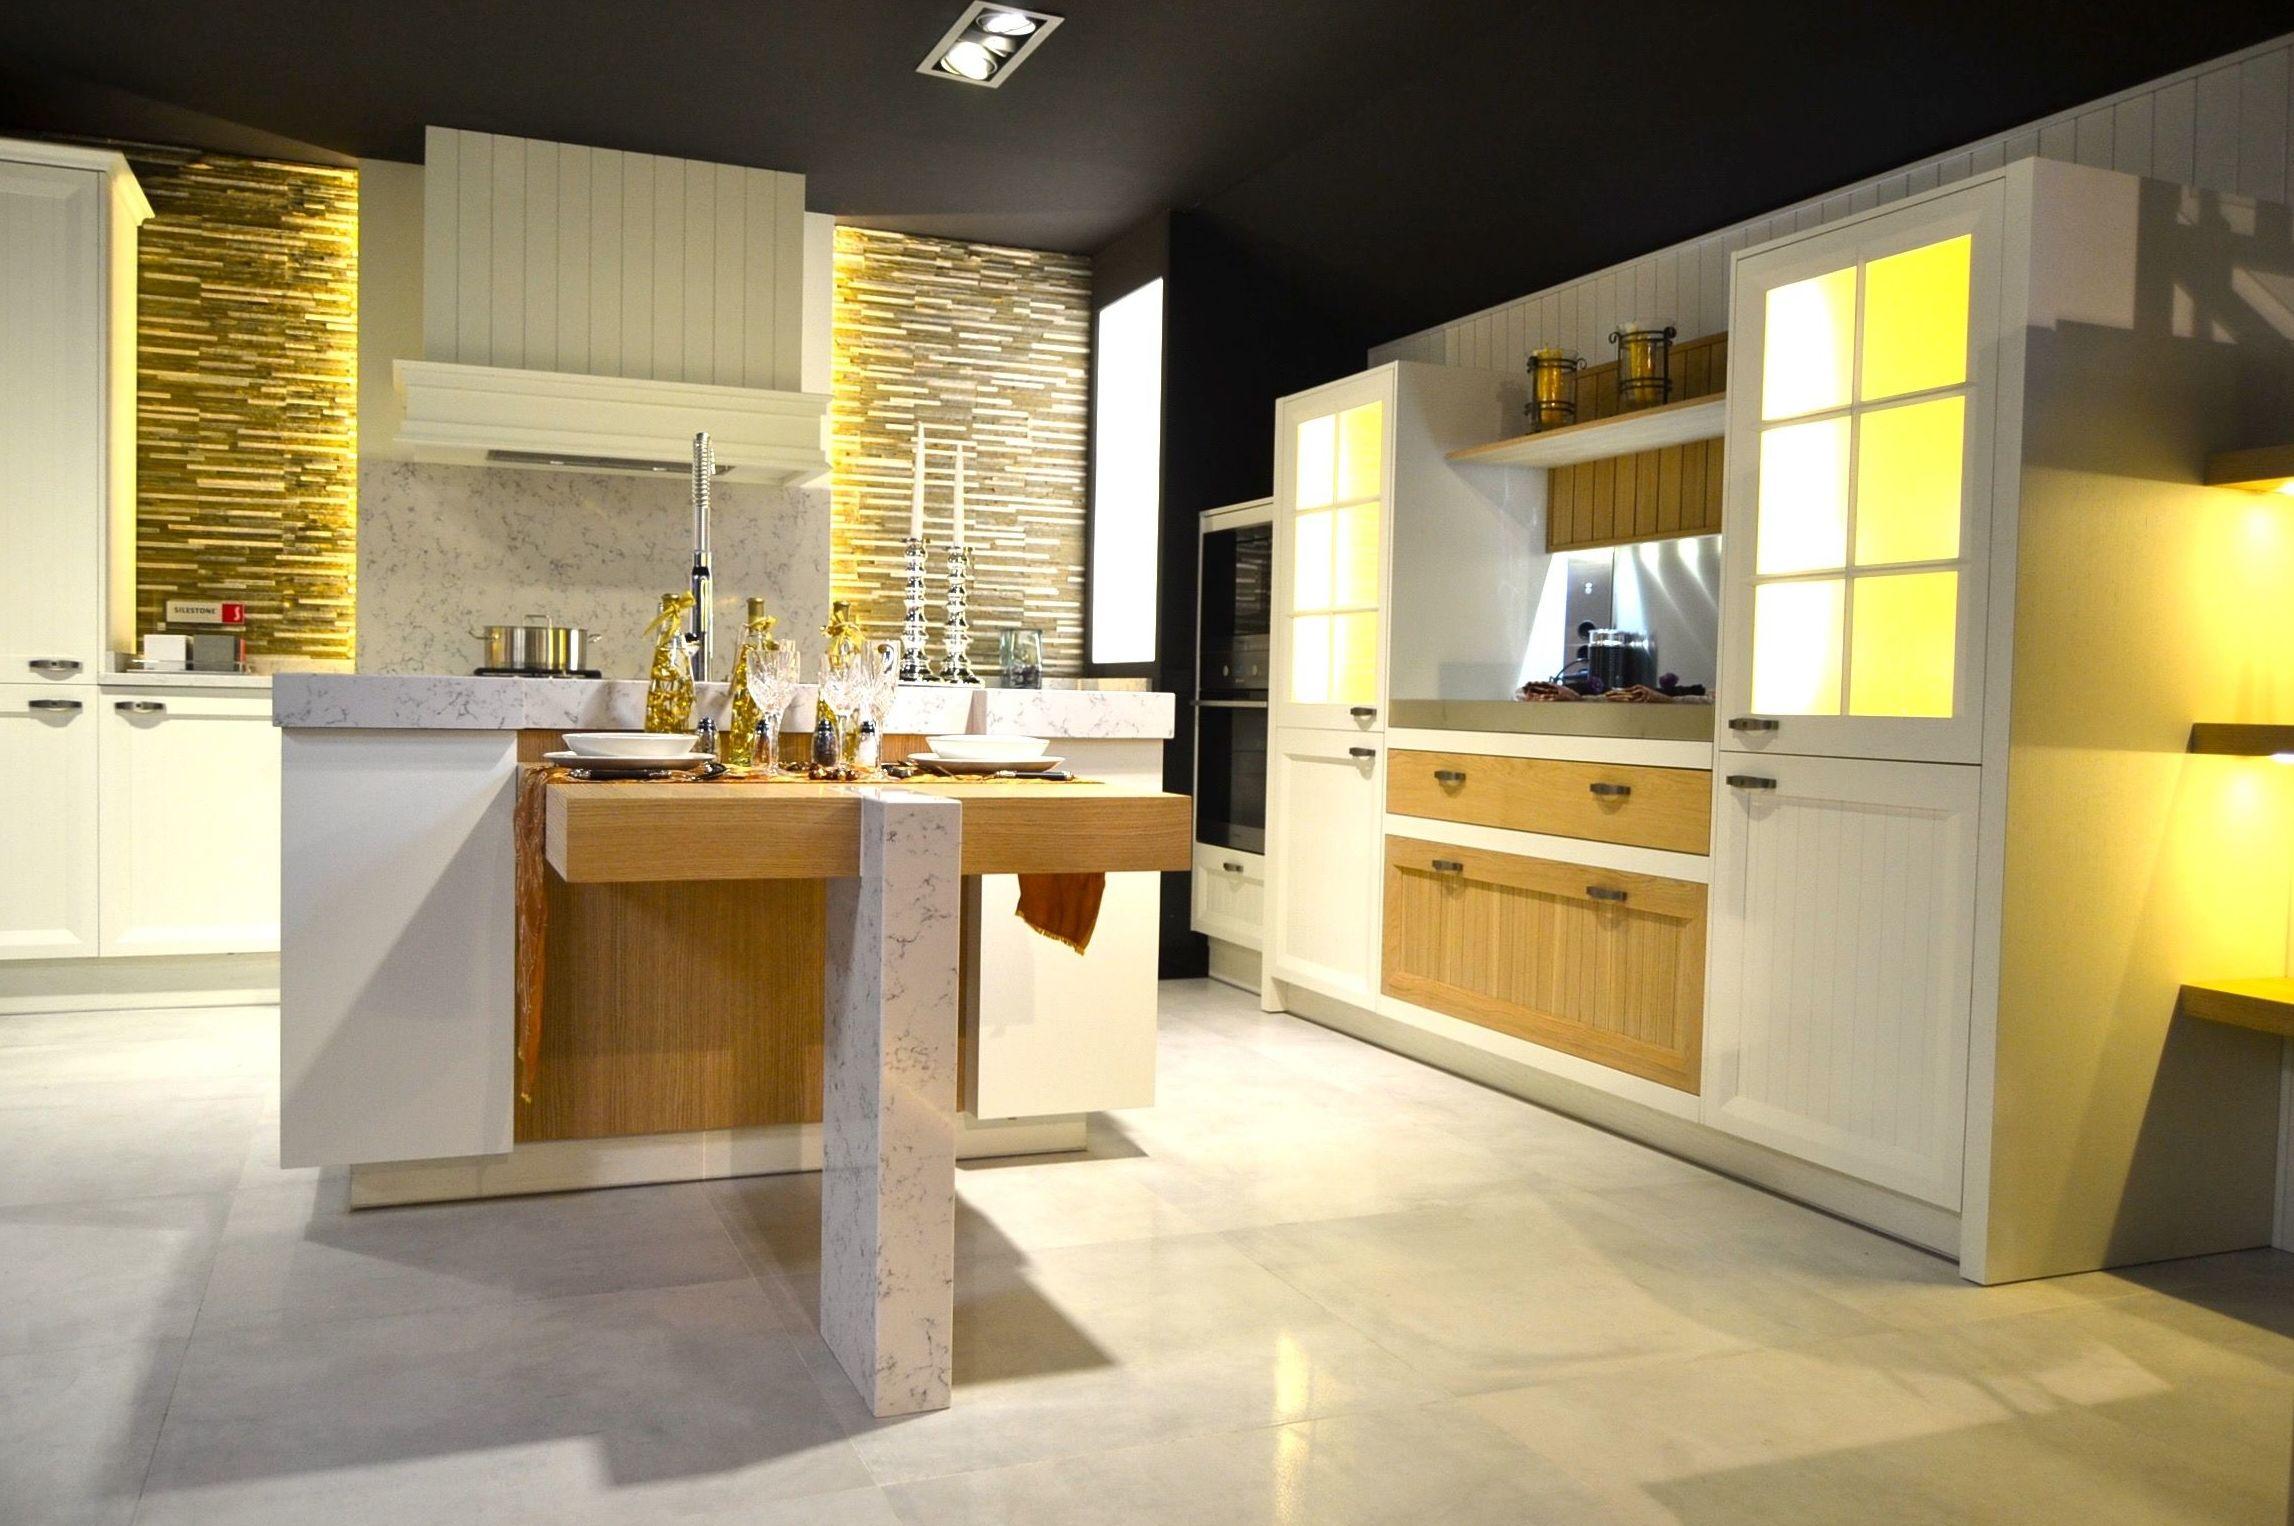 Foto 22 de Muebles de cocina en Sonseca  Cocinas y Electrodomésticos